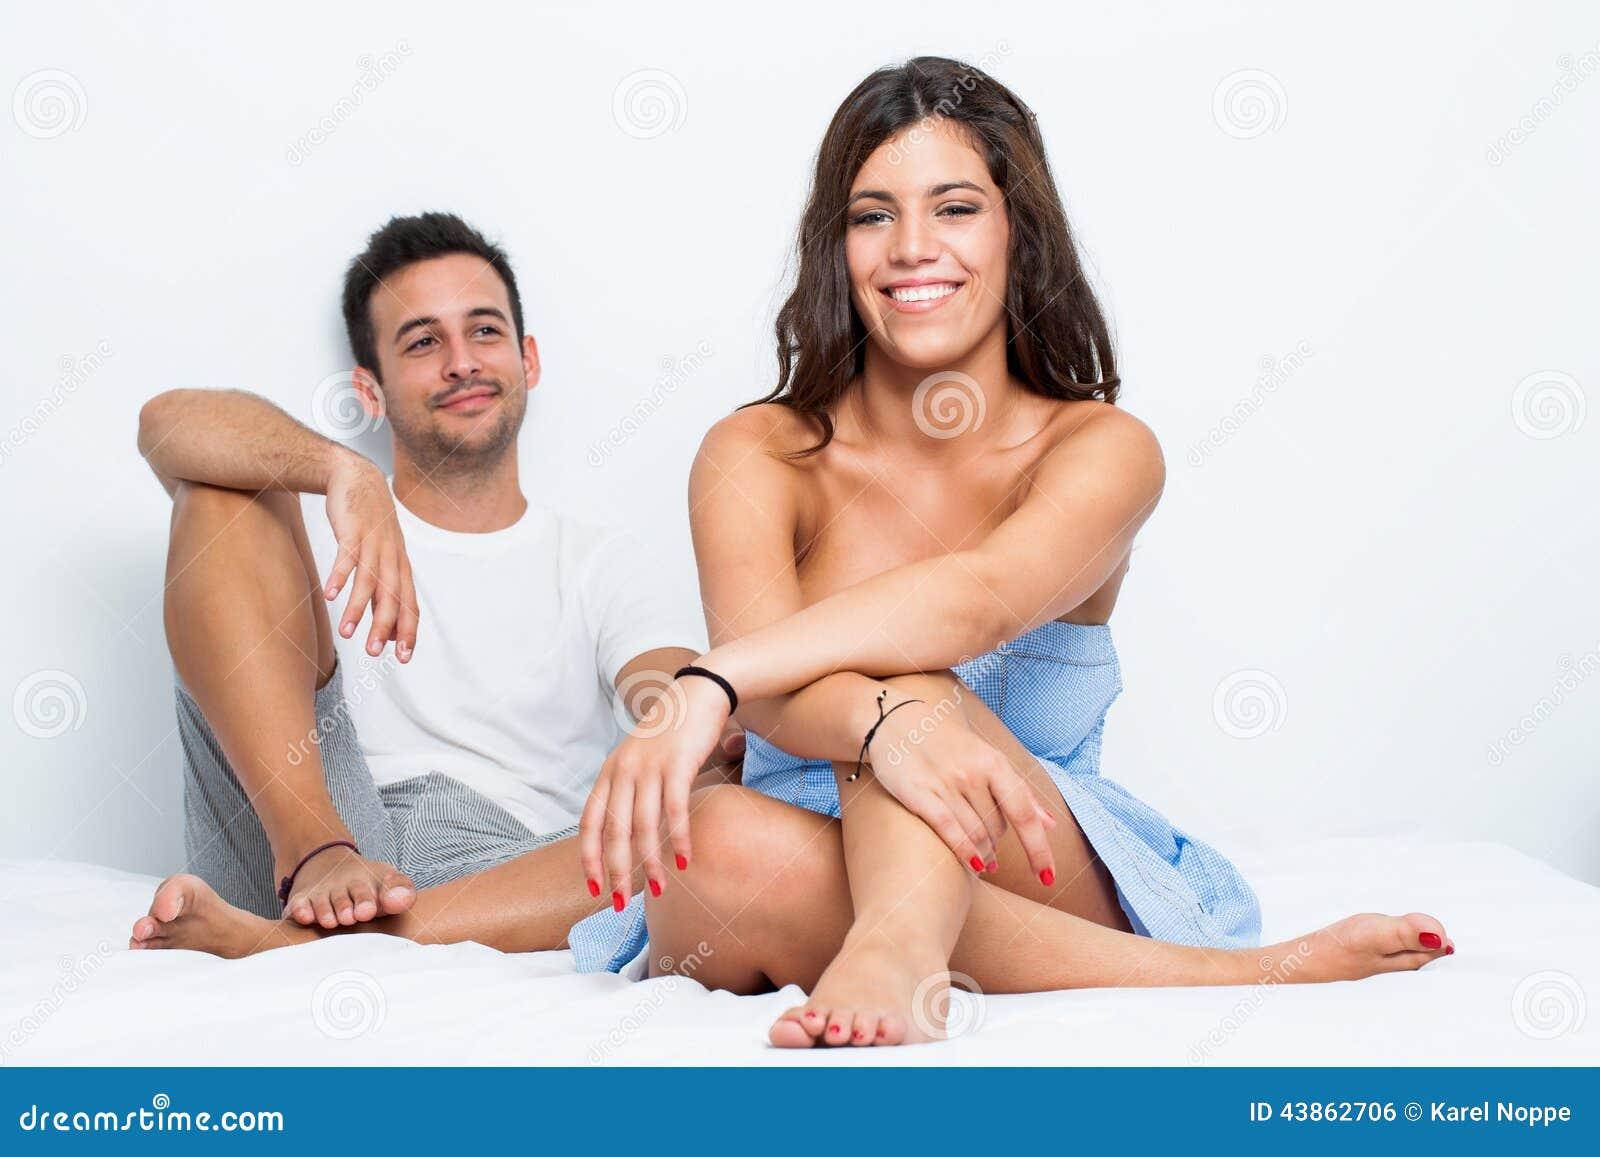 Секс подругой в спальни 4 фотография